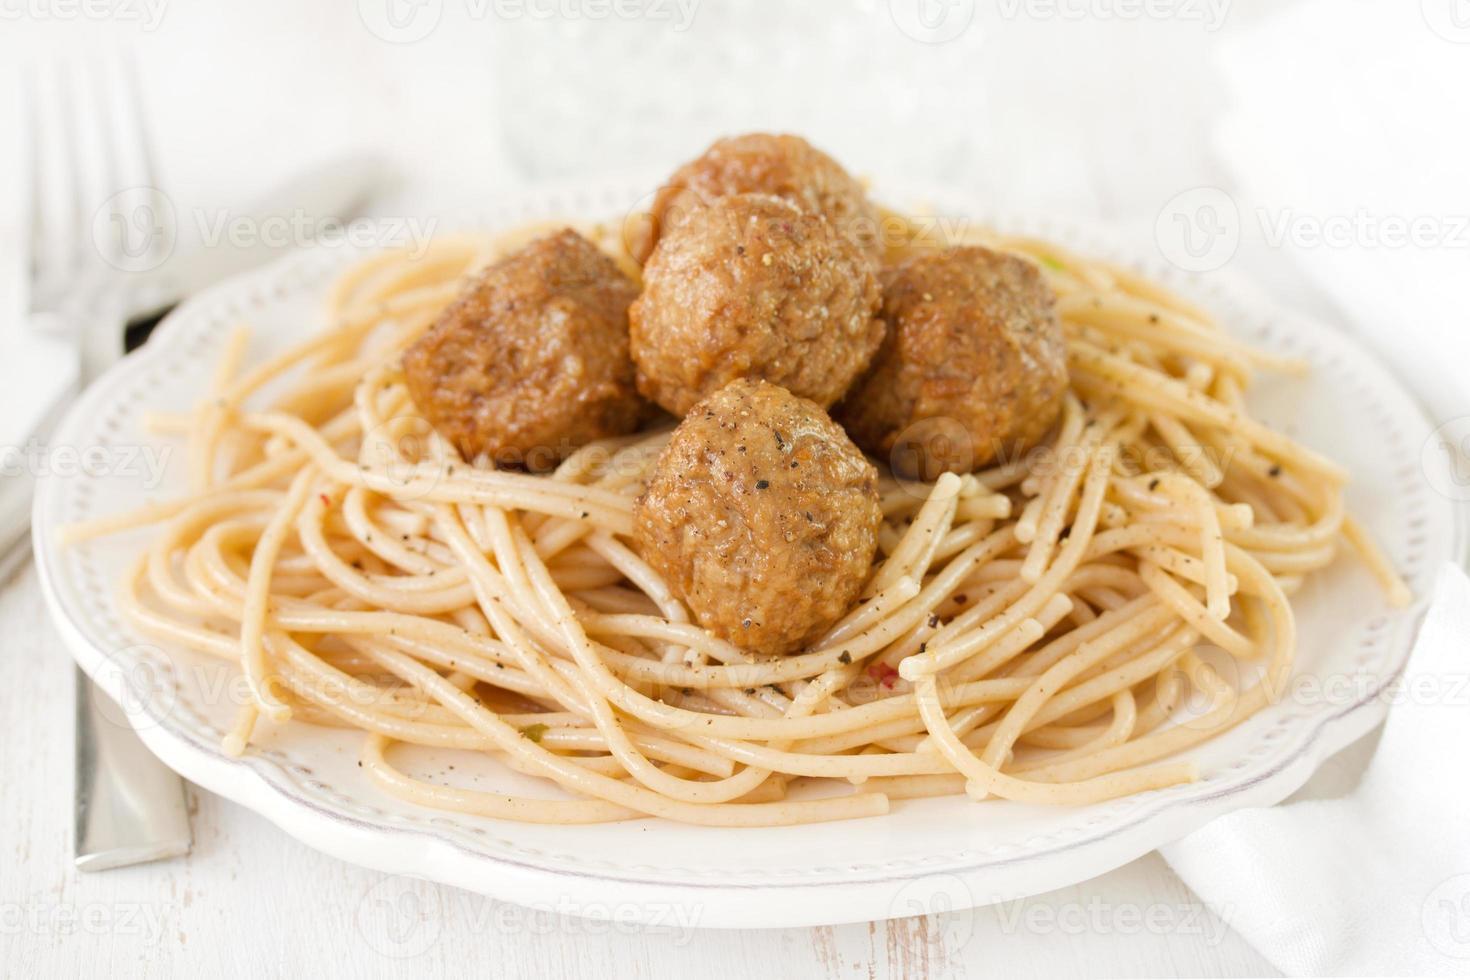 gehaktballen met spaghetti in witte plaat foto